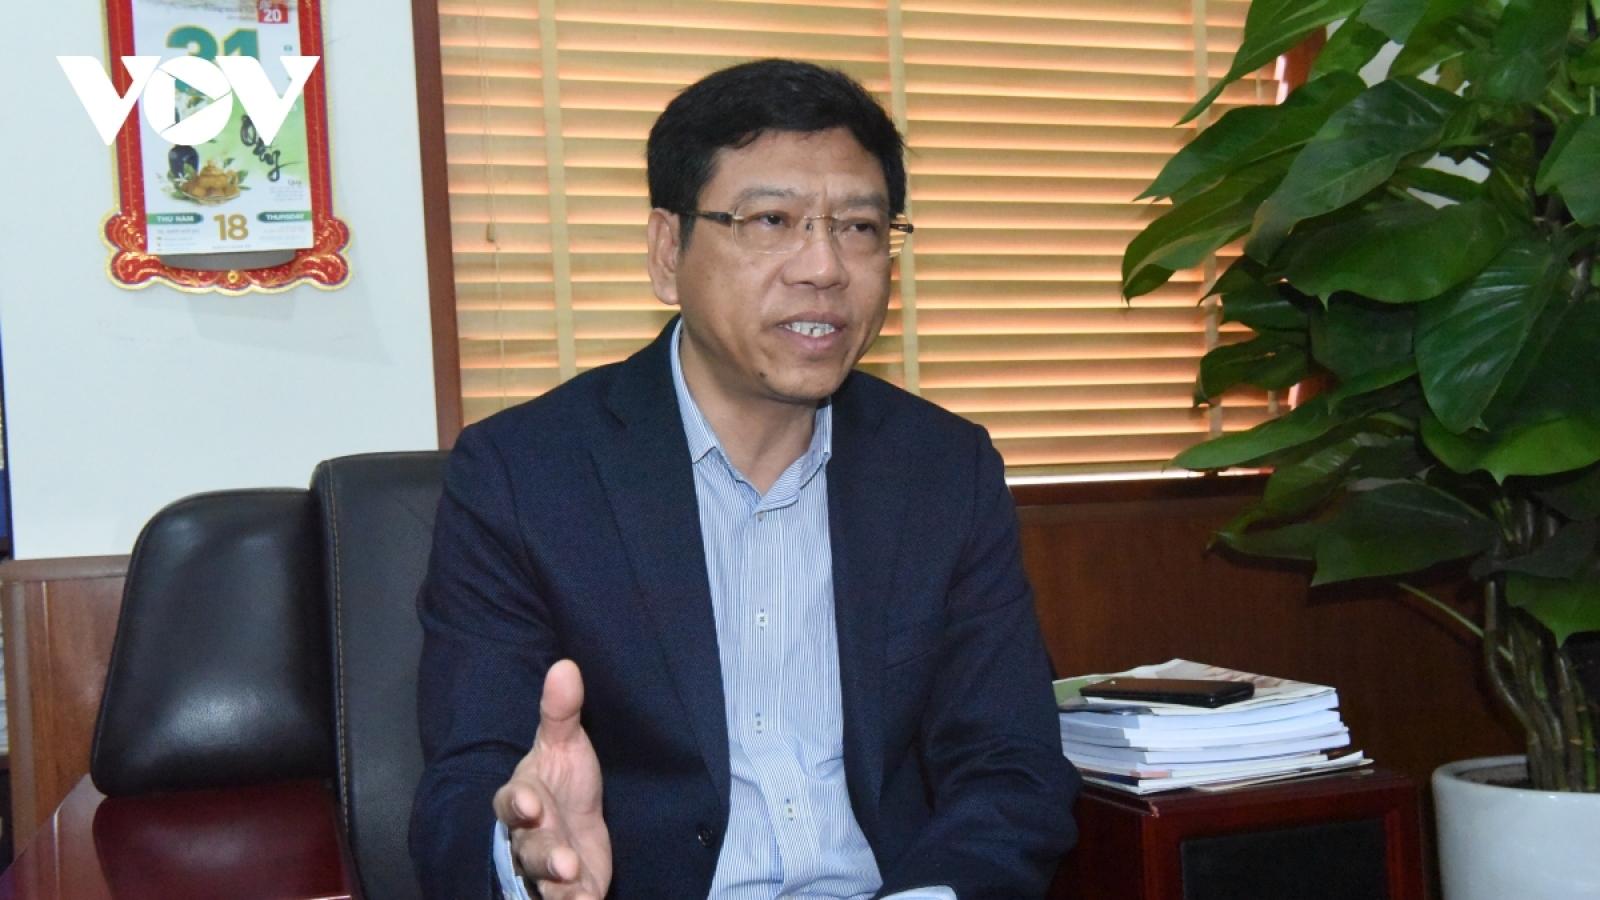 Ông Nguyễn Xuân Sang được bổ nhiệm làm Thứ trưởng Bộ GTVT